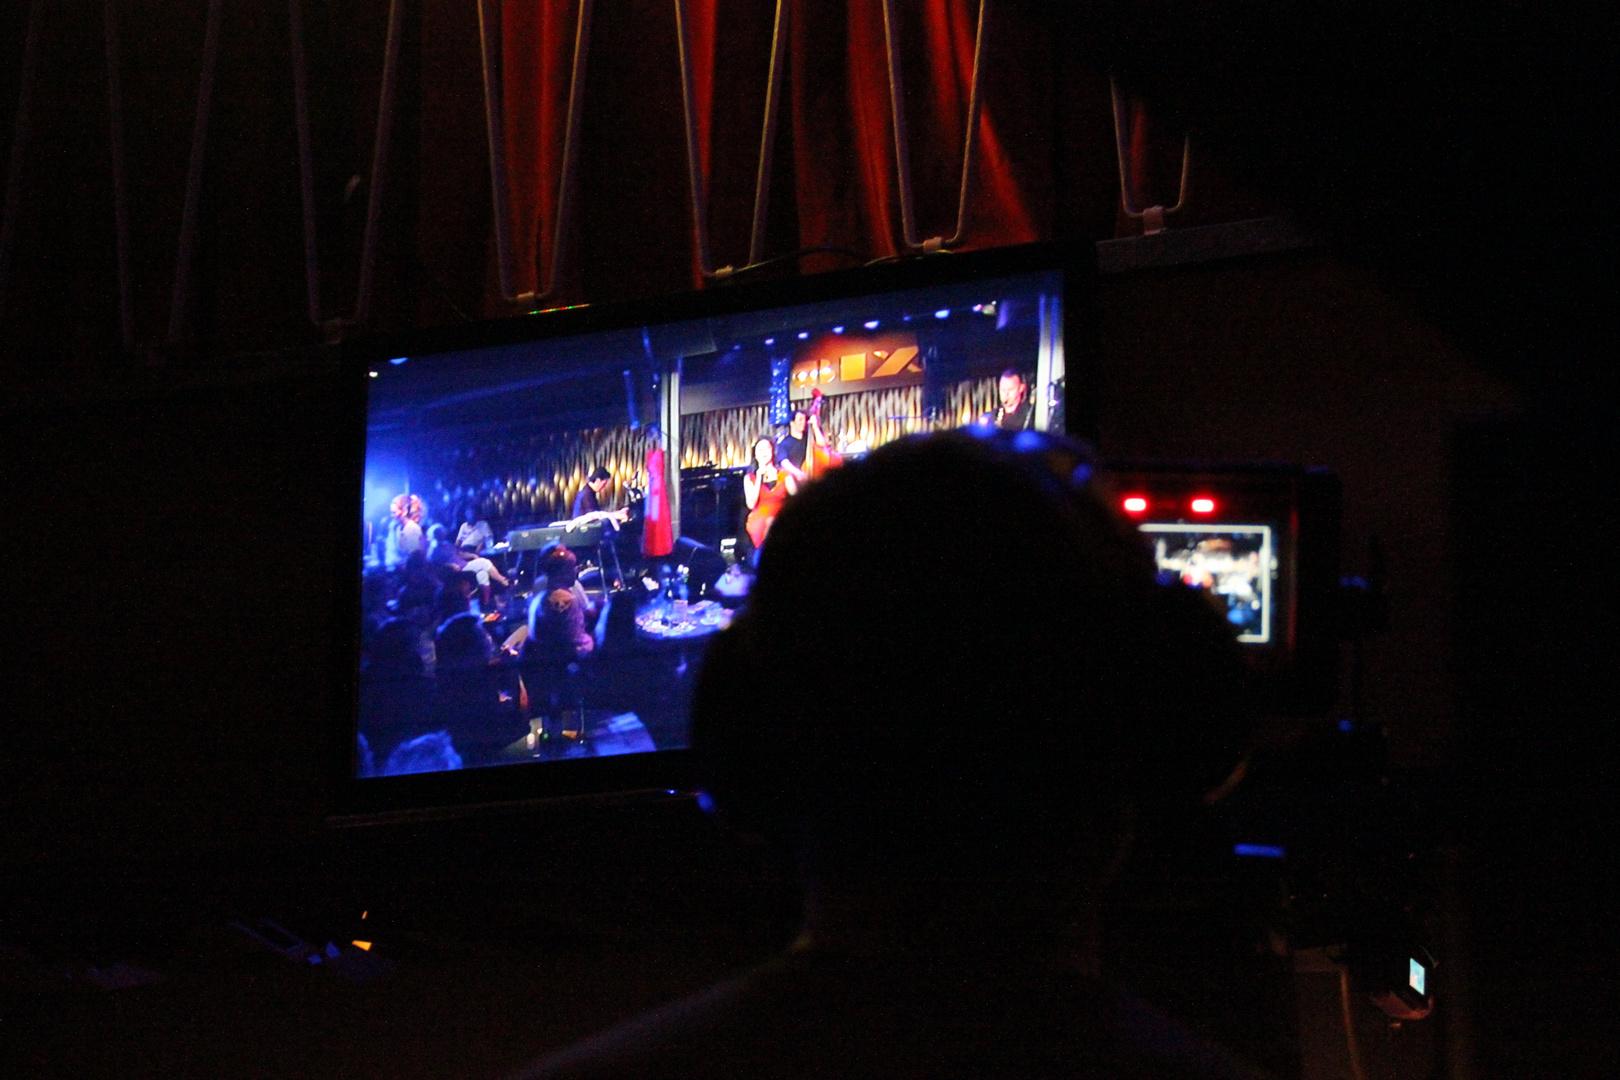 Jazzkonzert mit TV-aufzeichnung im BIX 2010 +StandJan13